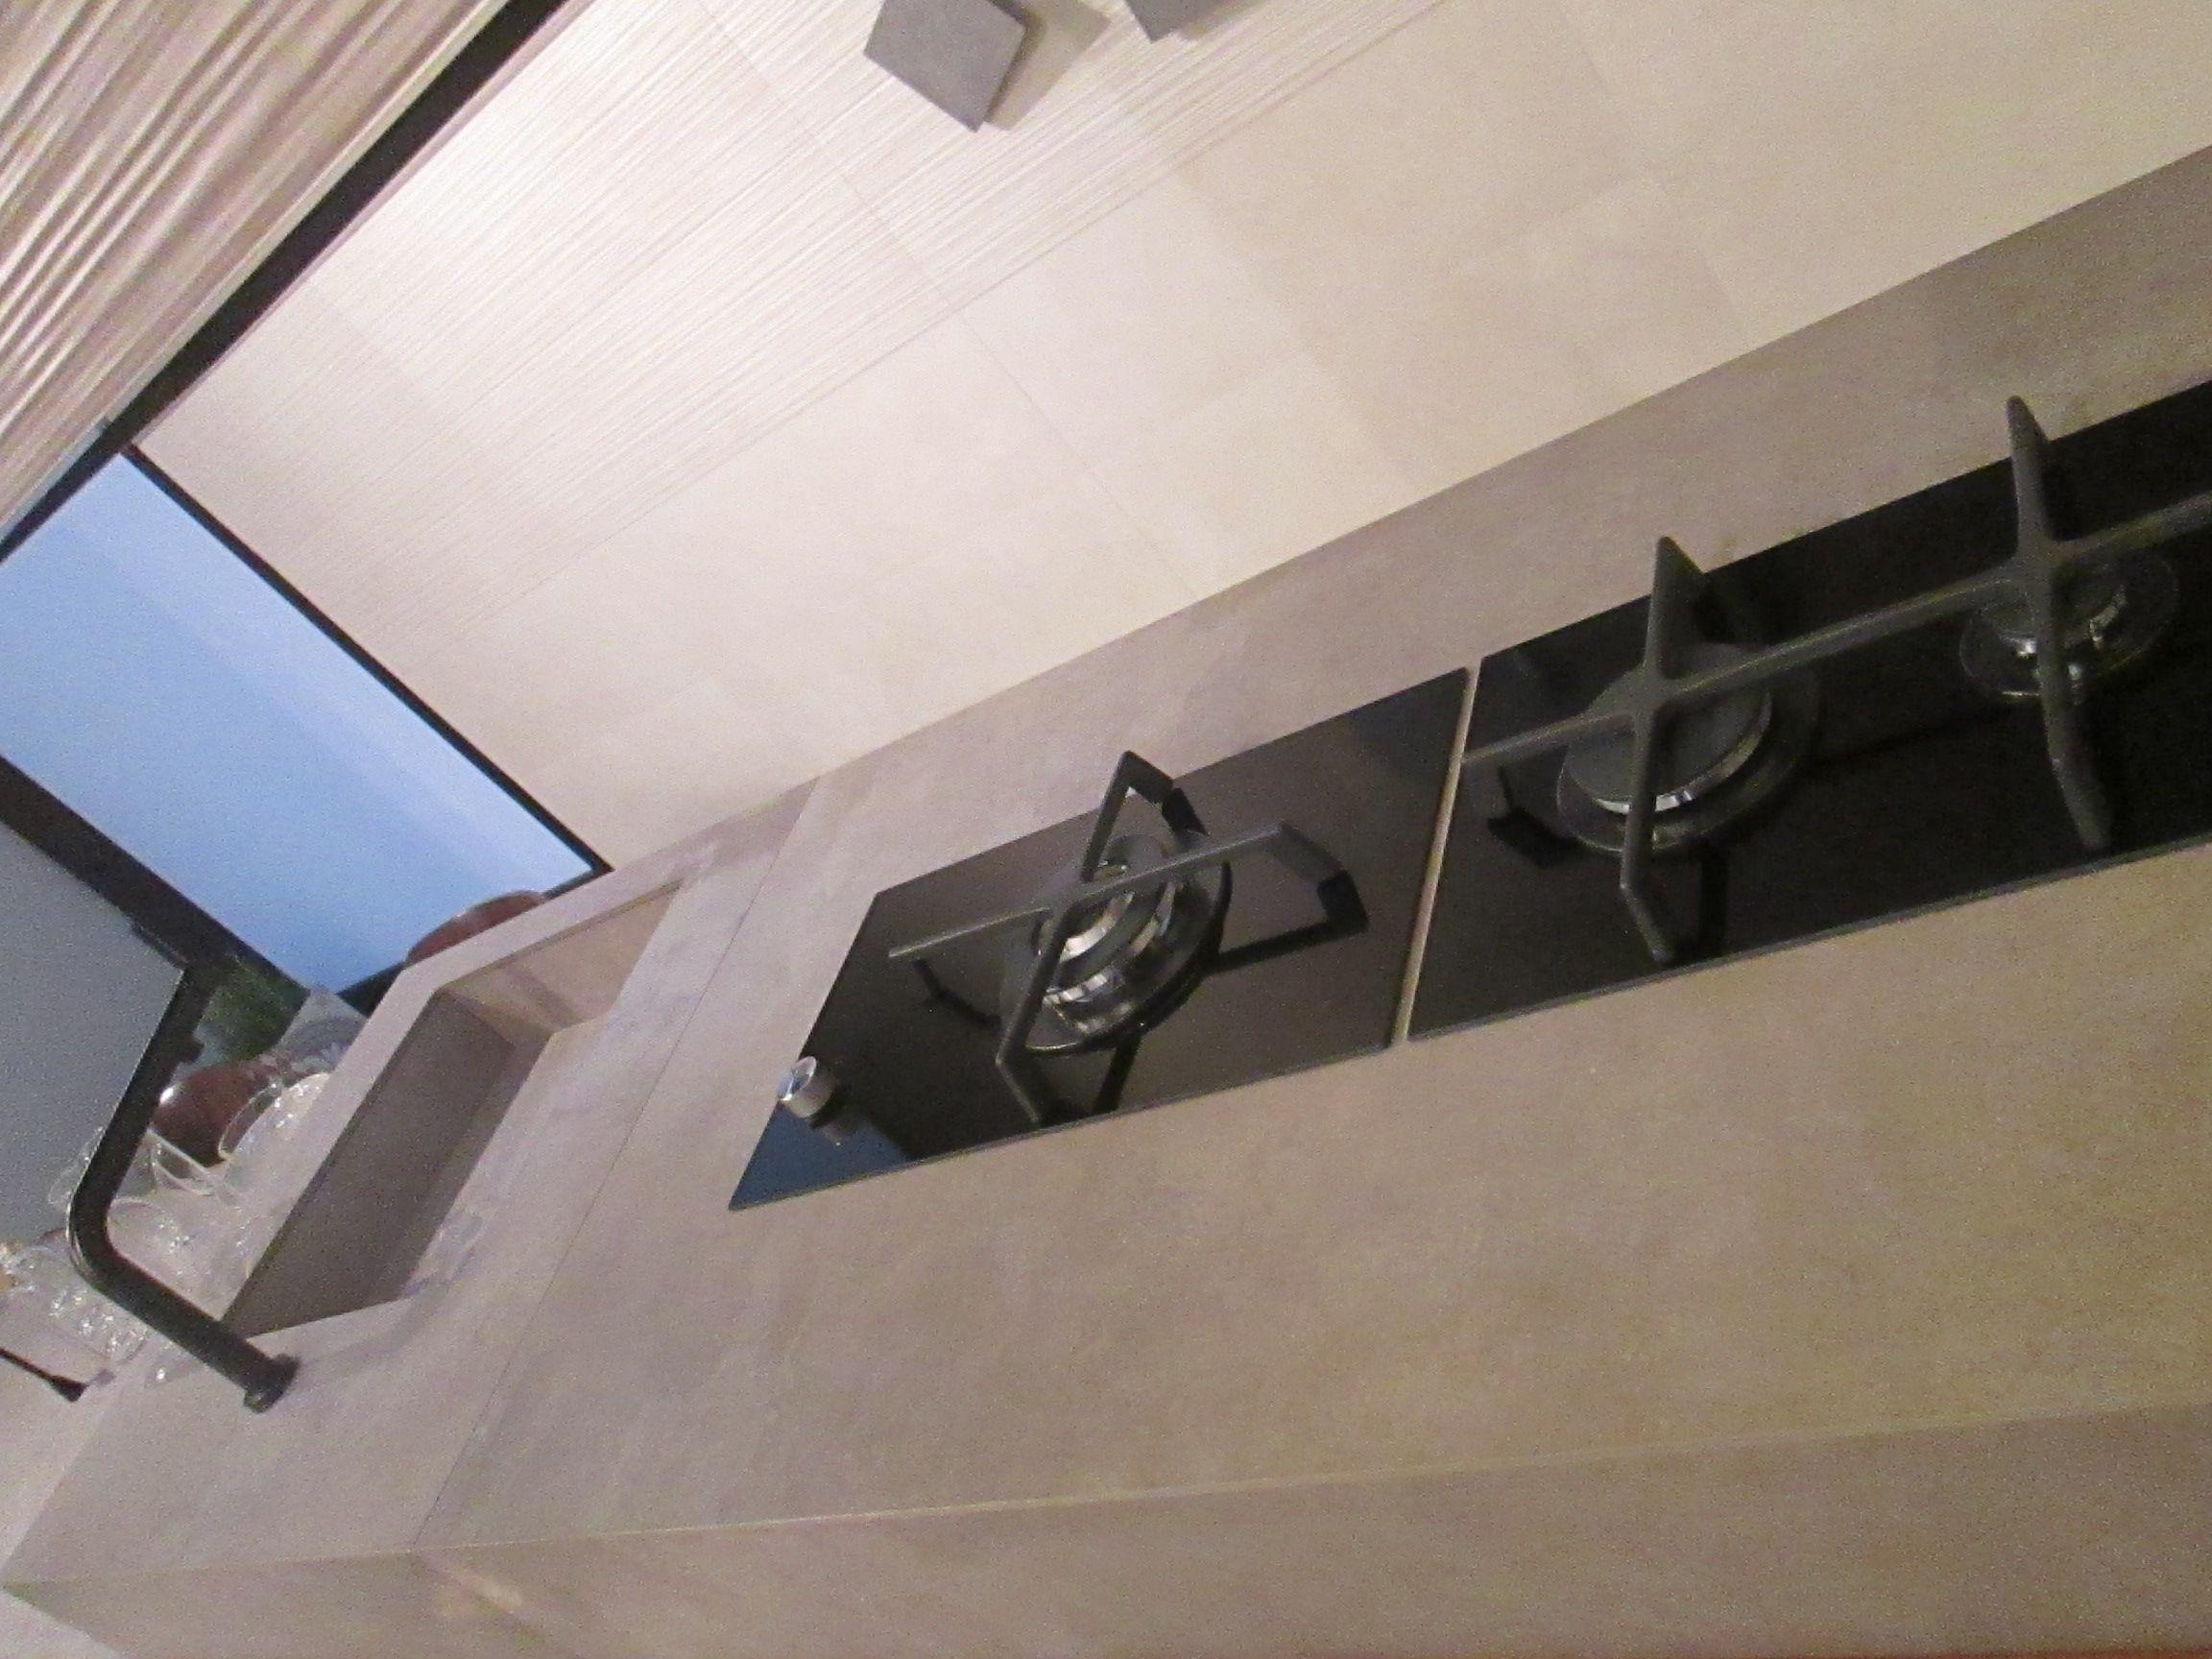 Piano di cottura in gres porcellanato cucina effetto cemento cersaie 2016 pinterest for Piano cucina in cemento